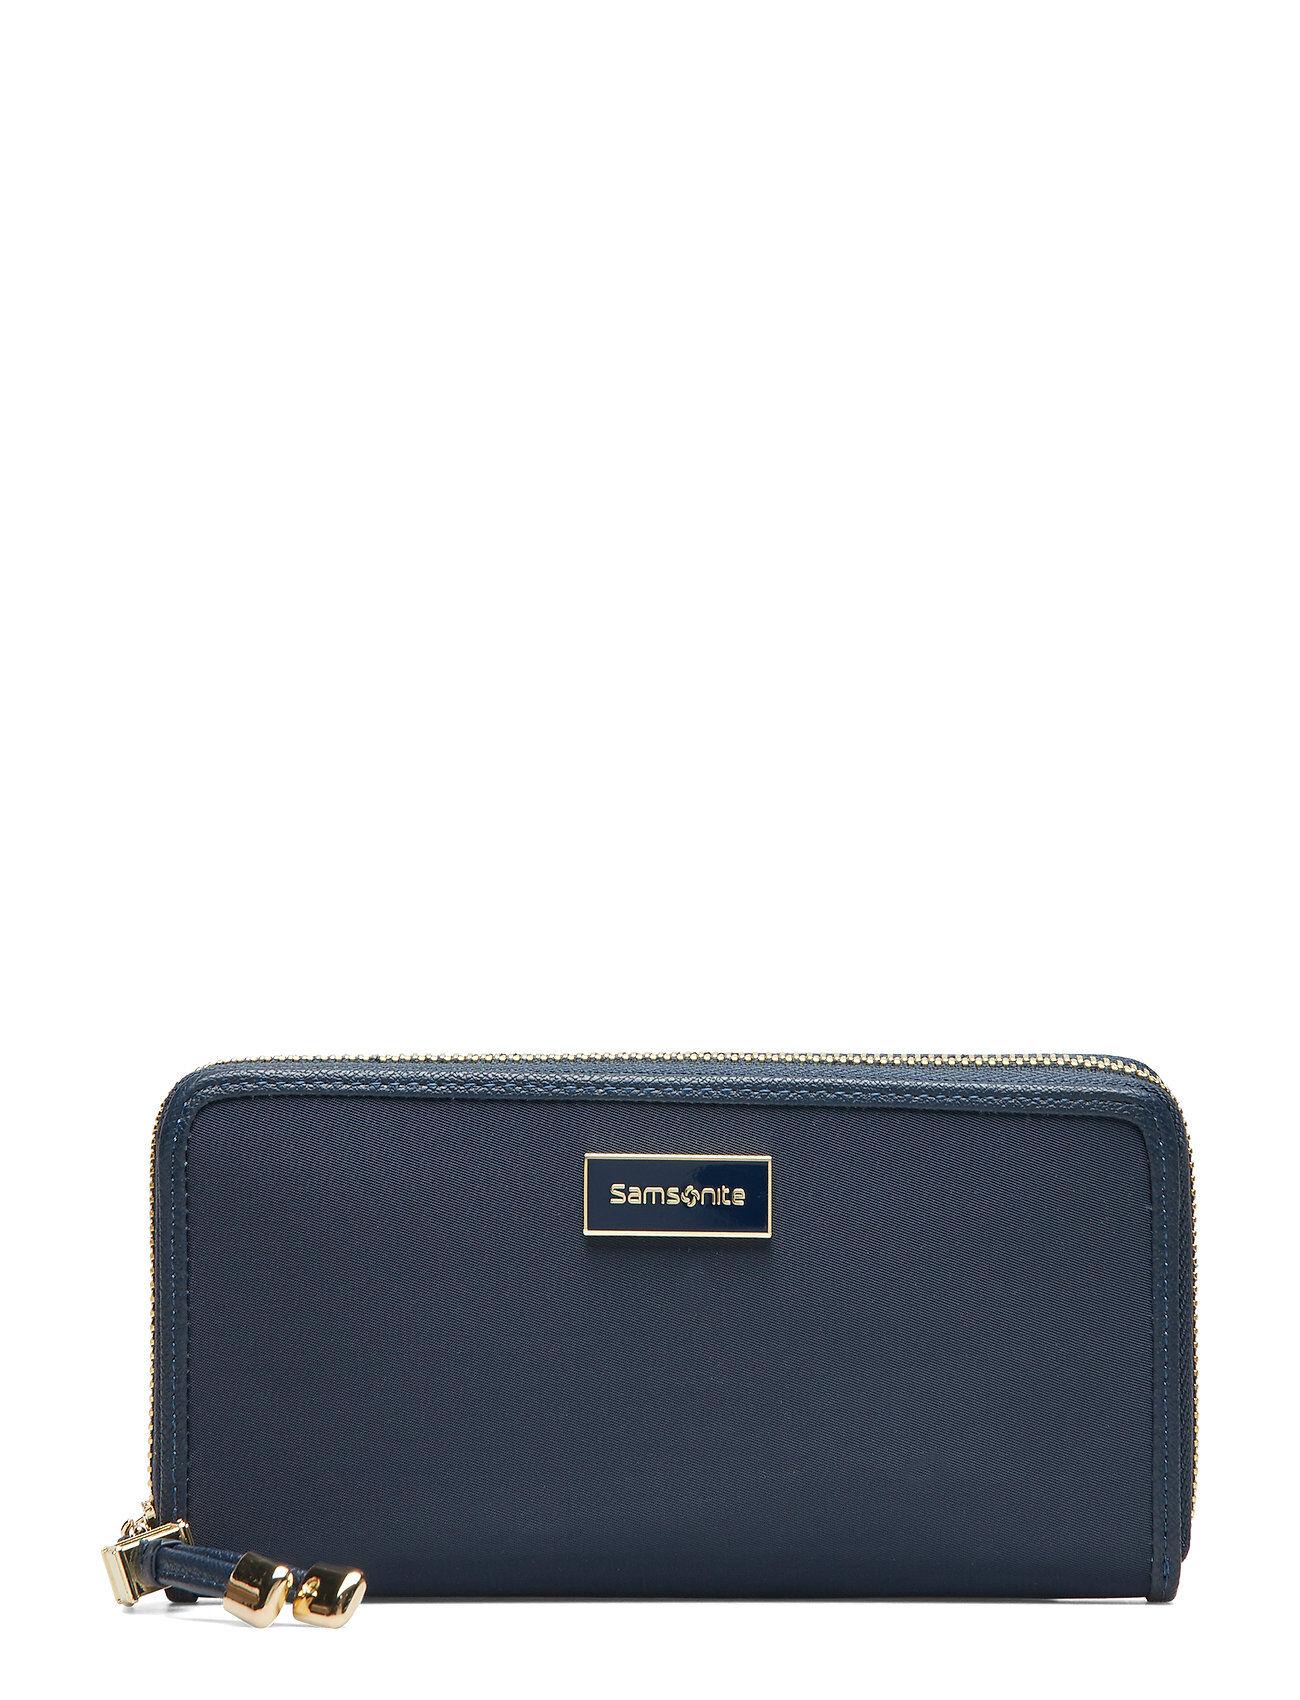 Samsonite Karissa Slg Bags Card Holders & Wallets Wallets Sininen